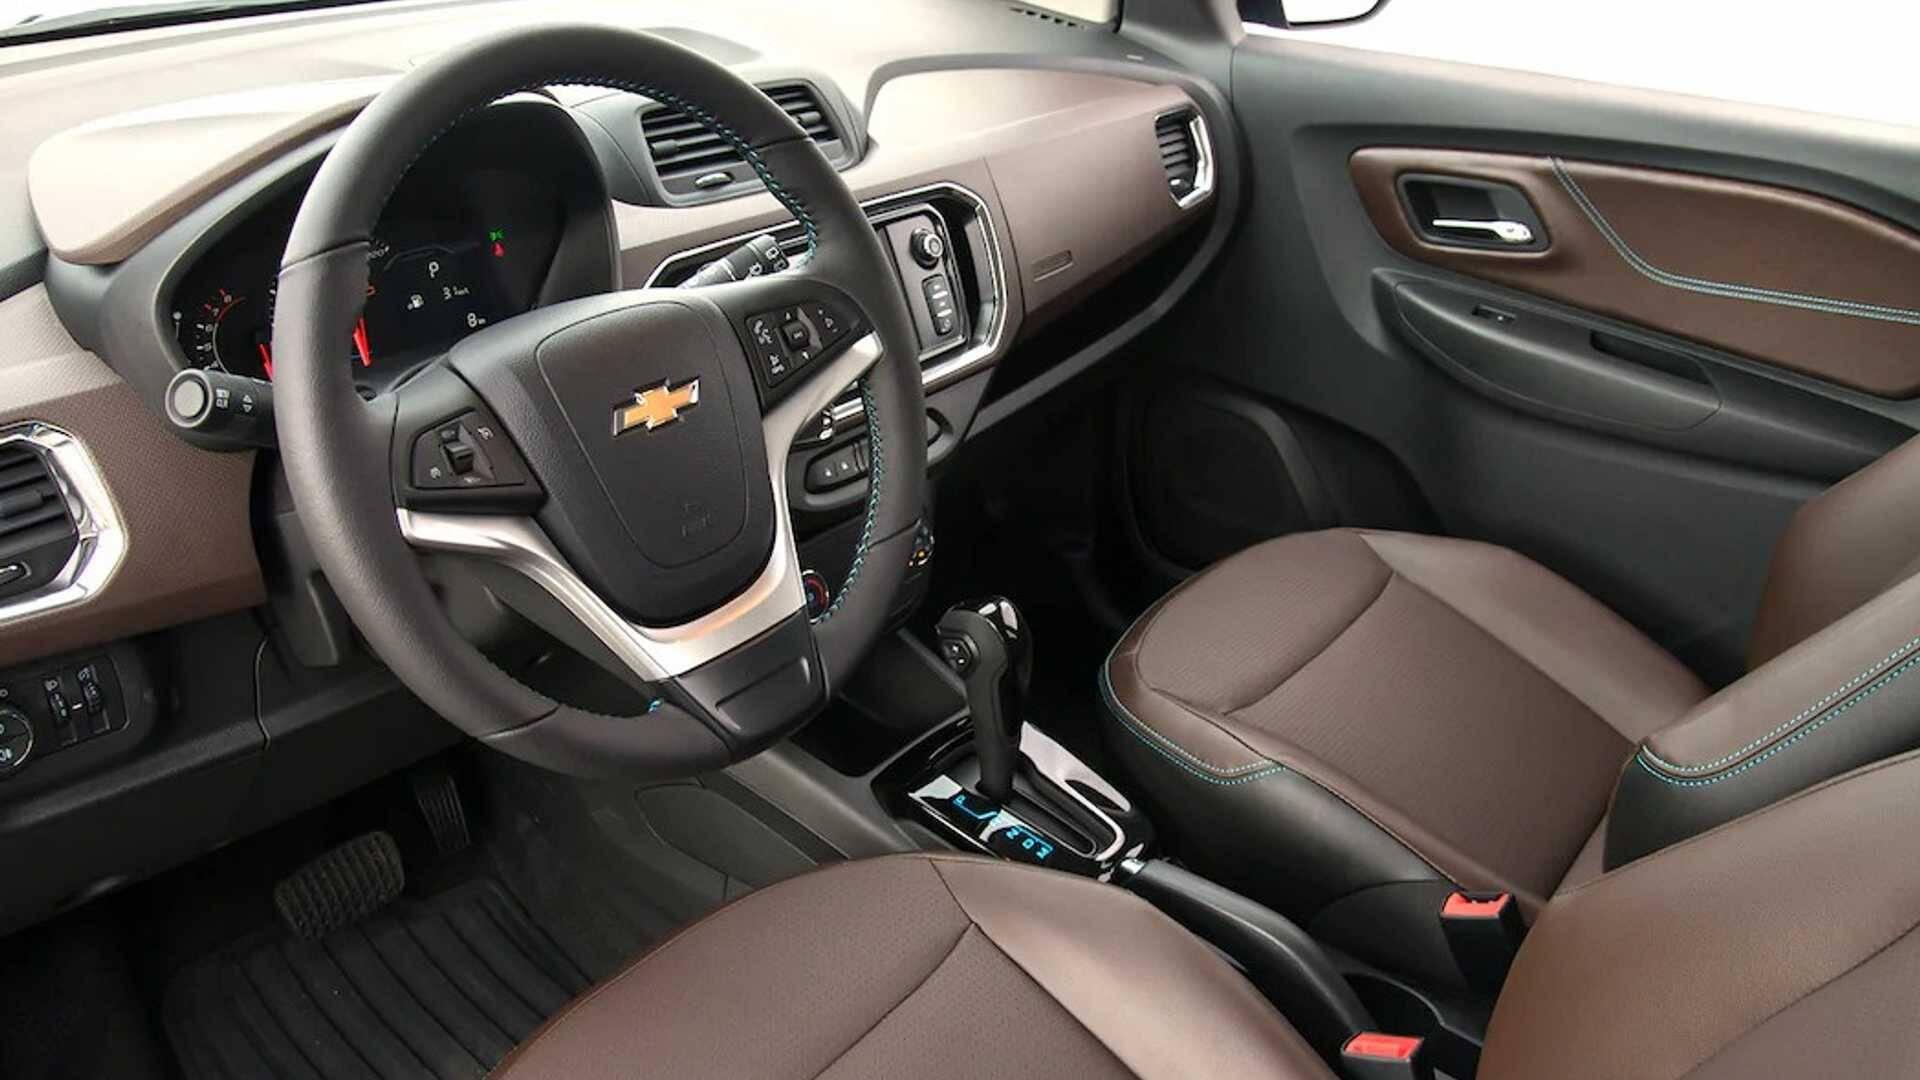 Chevrolet Spin Premier 2020. Foto: Divulgação